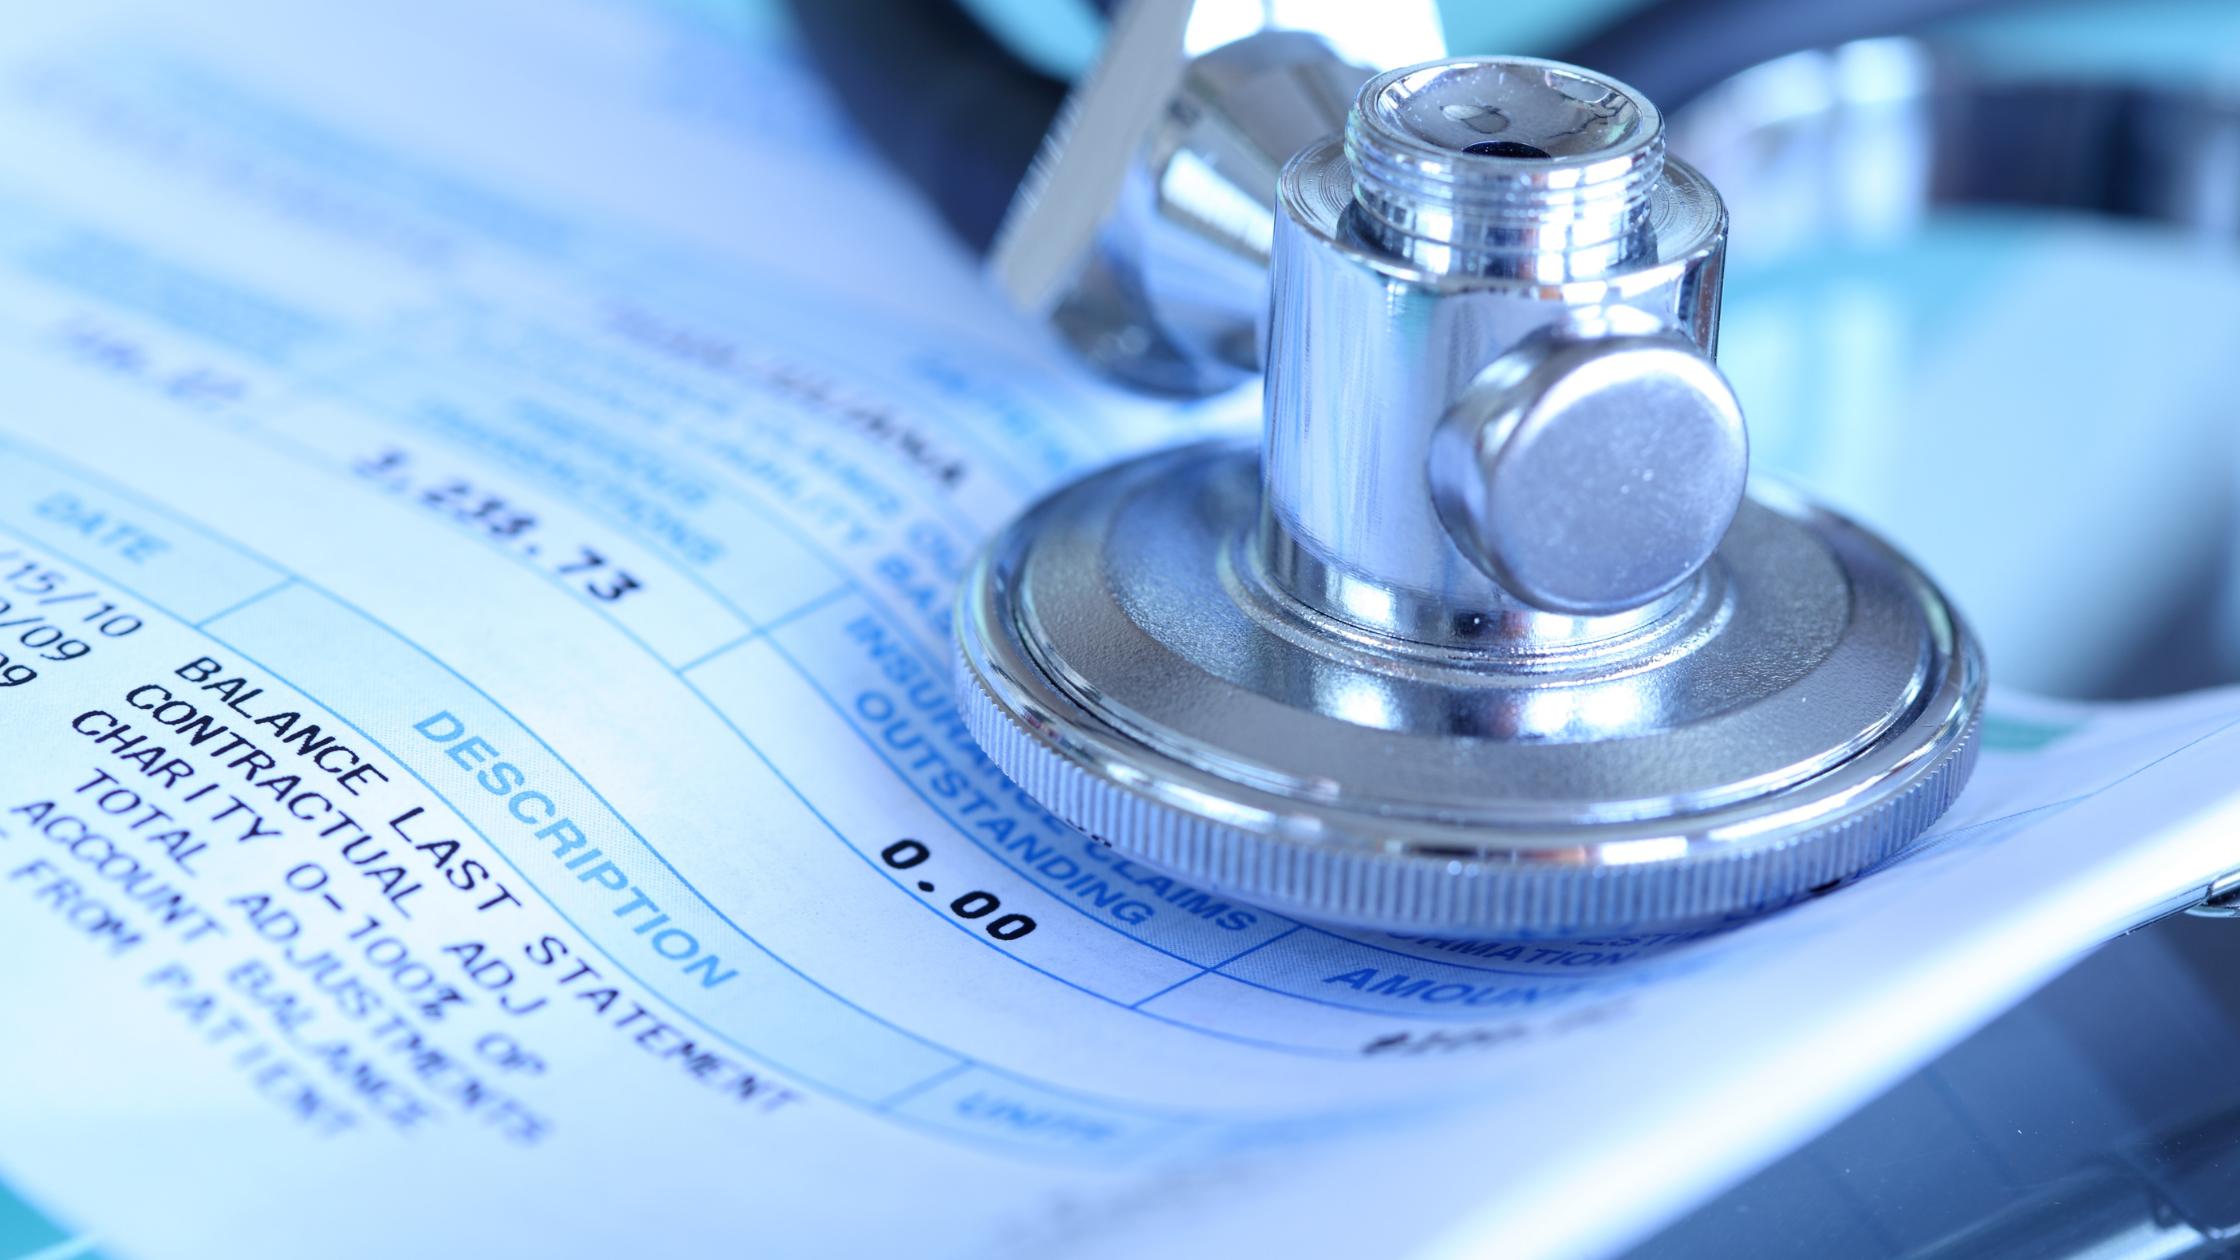 Steps to Efficient Medical Billing